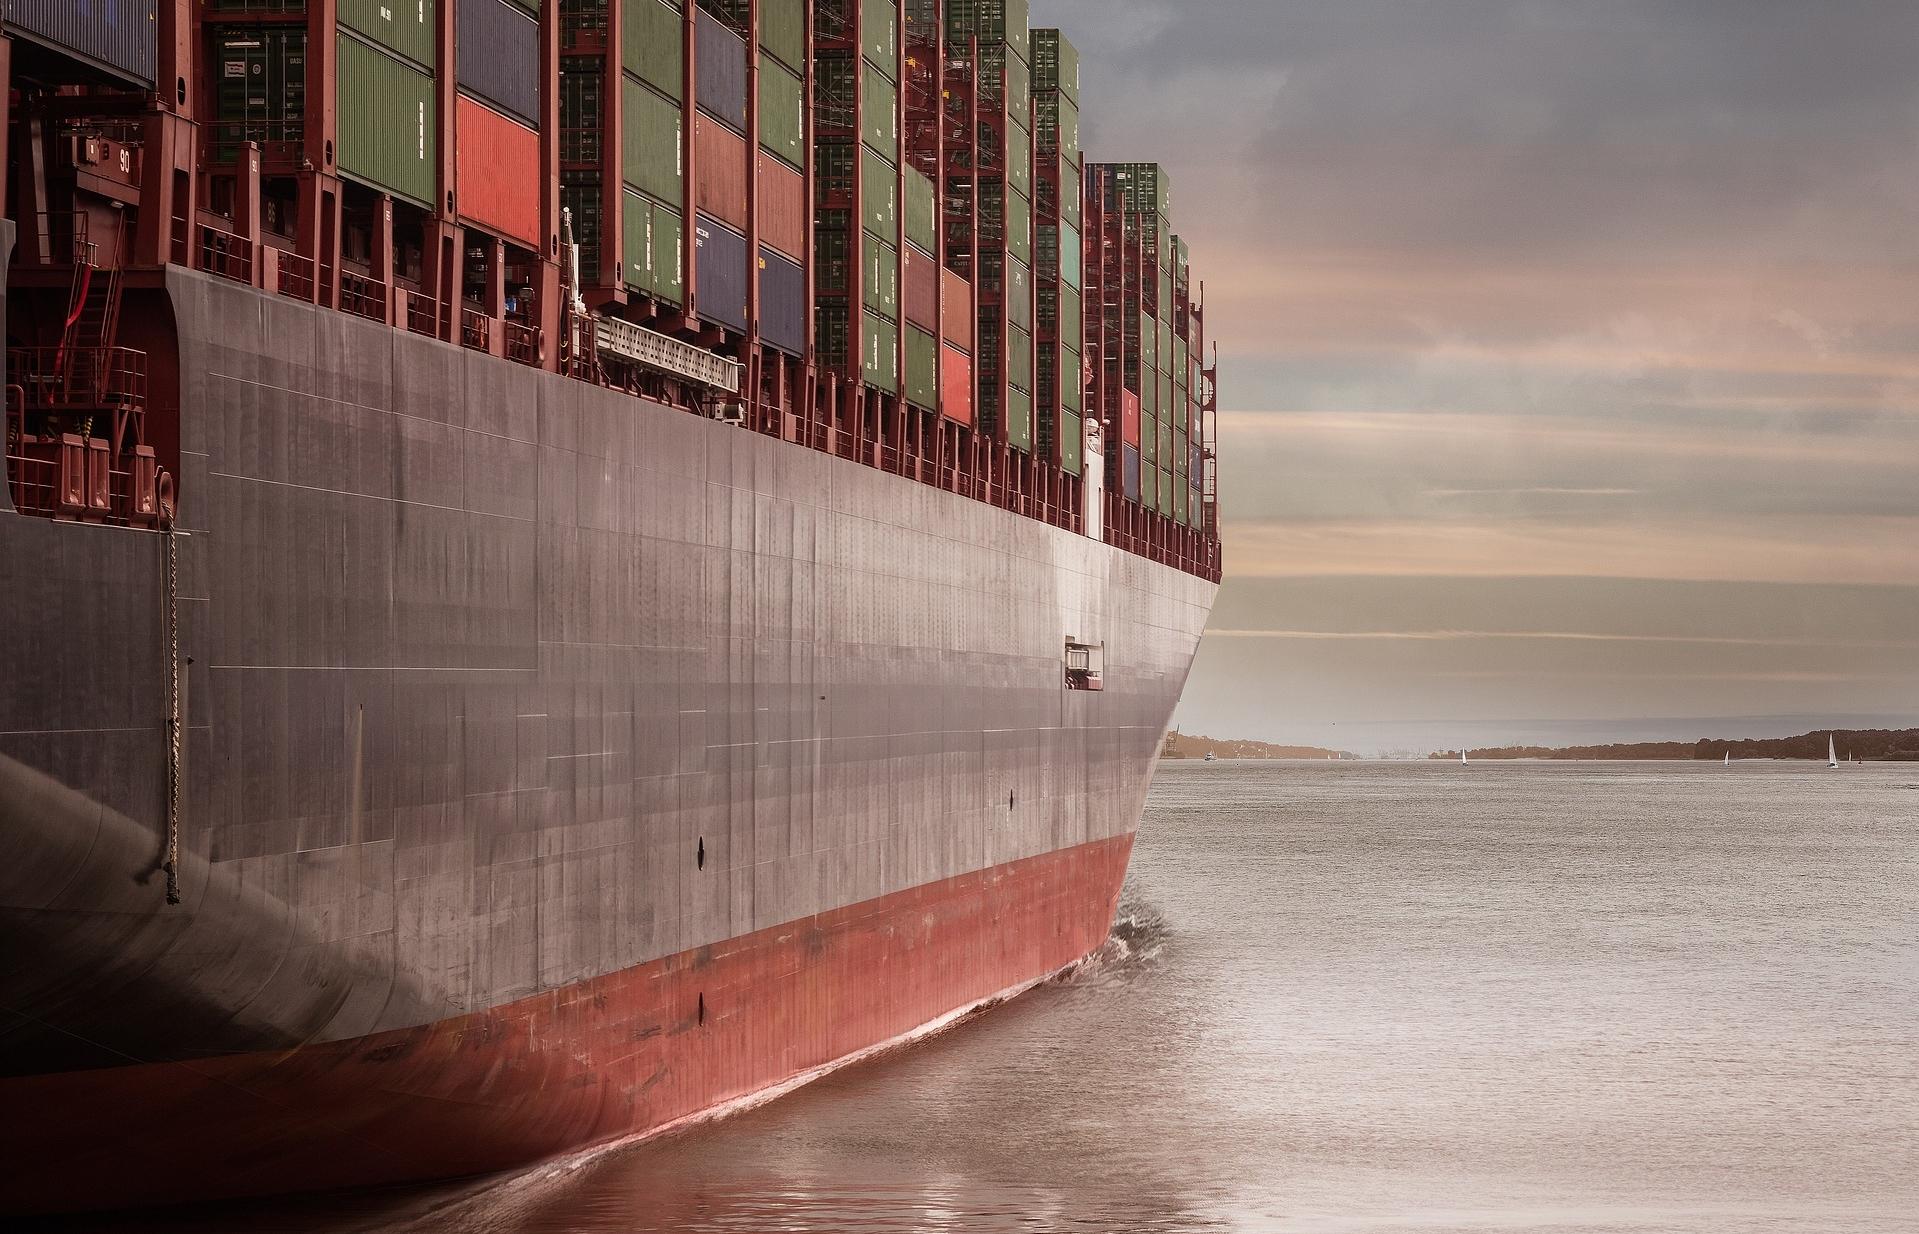 Ấn Độ tái thiết lập Hiệp định thương mại ưu đãi với Liên minh Hải quan Nam Phi